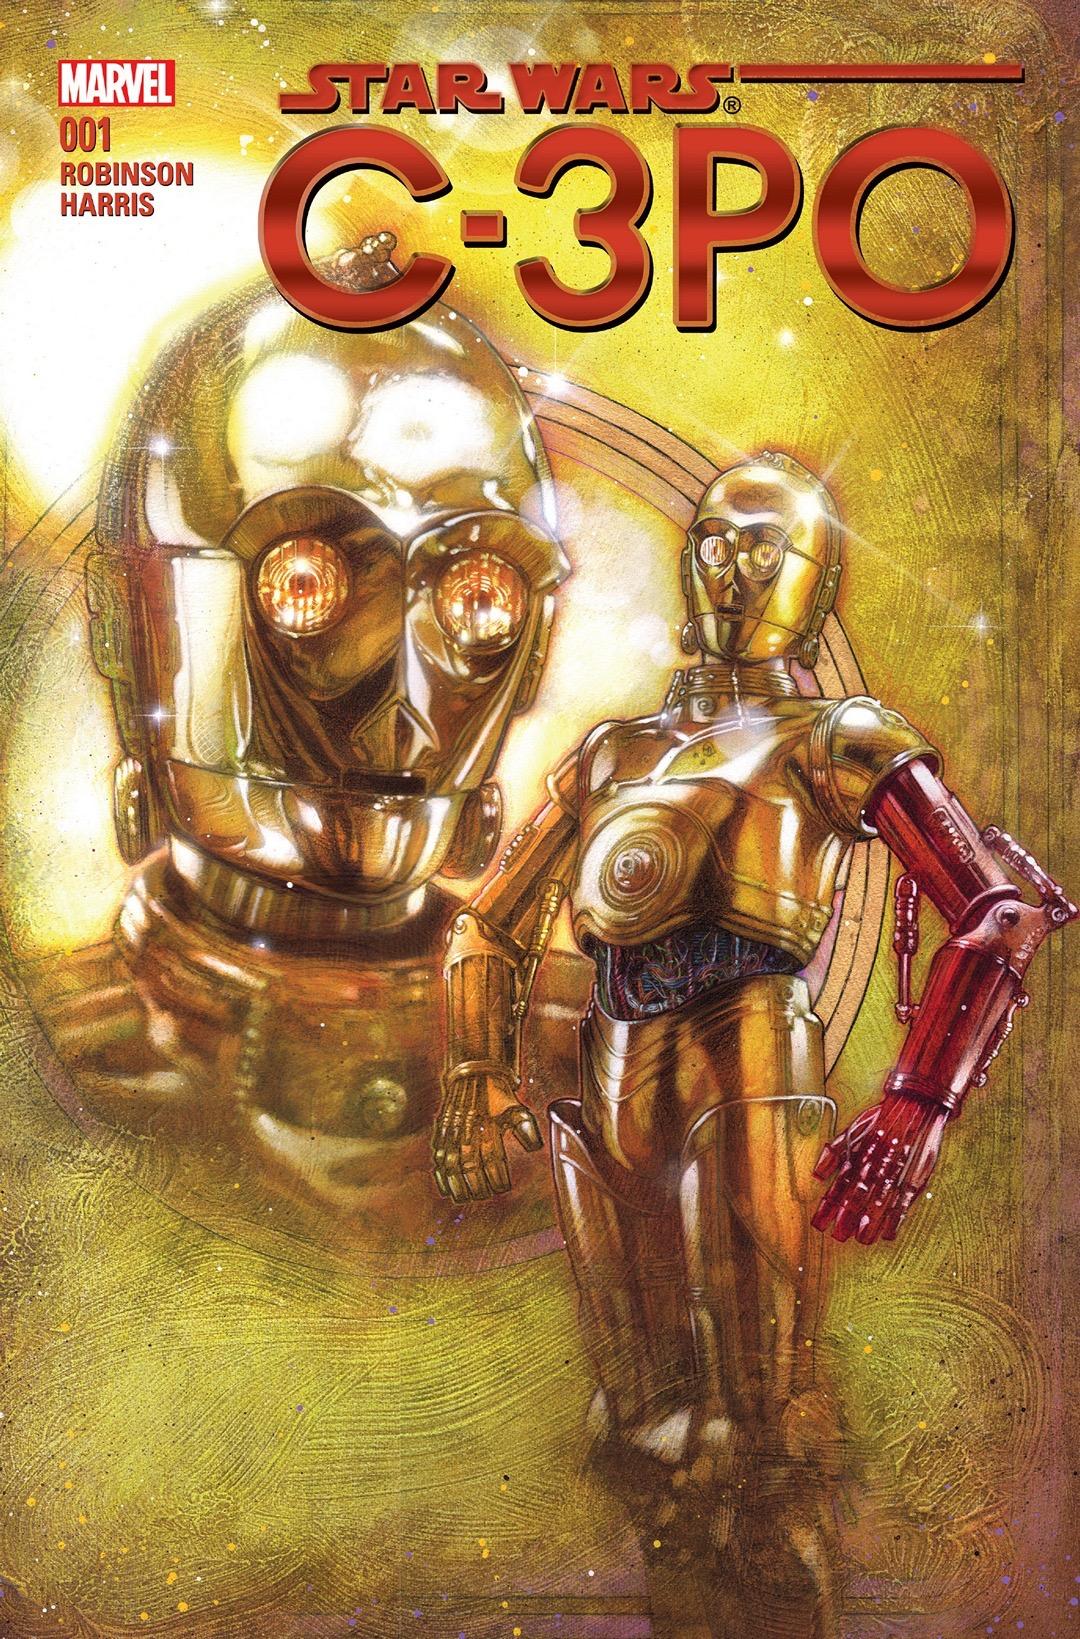 C-3PO cover Marvel regular